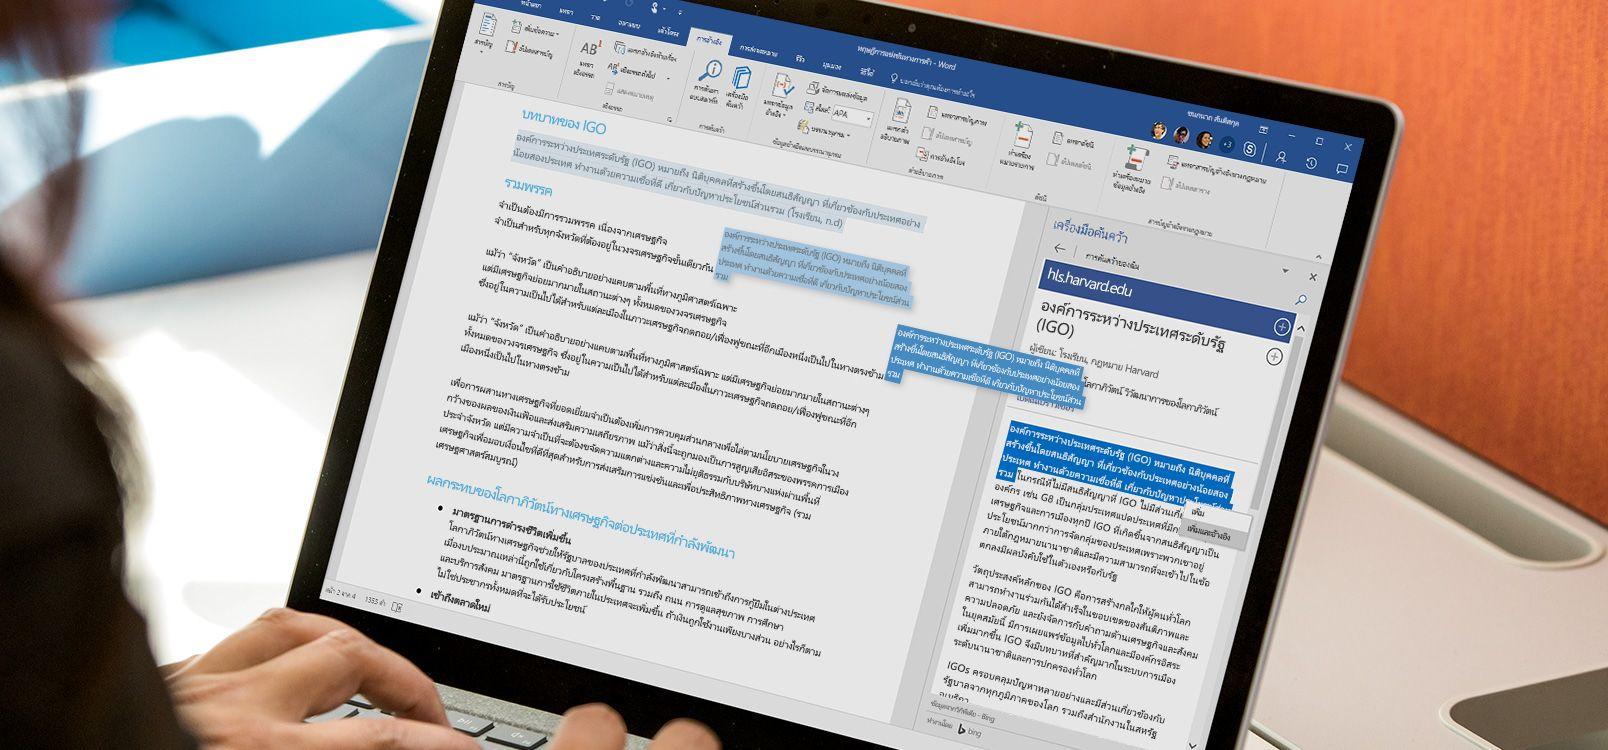 หน้าจอแล็ปท็อปกำลังแสดงเอกสาร Word ที่ใช้ฟีเจอร์เครื่องมือค้นคว้า